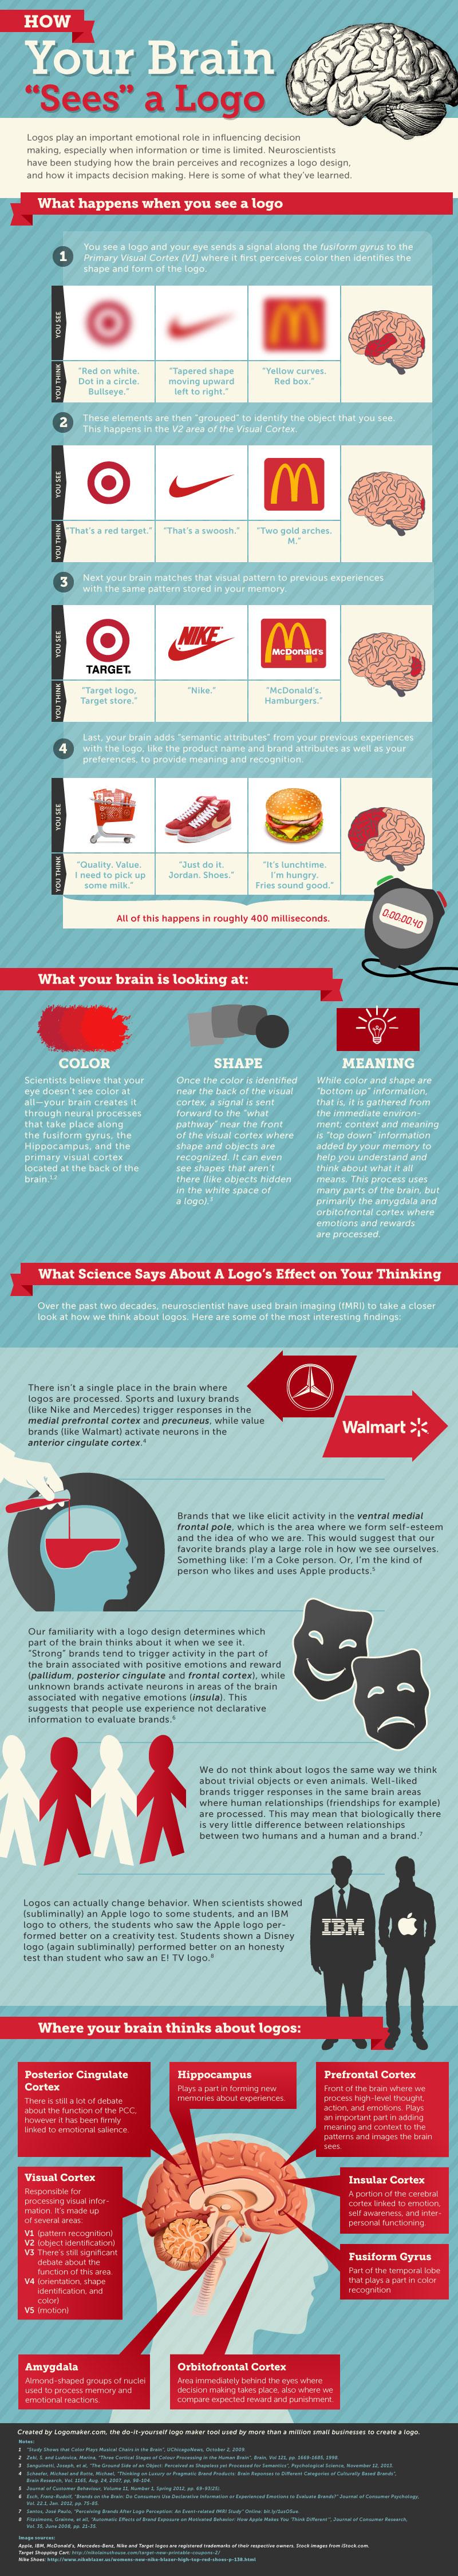 how a brain sees a logo